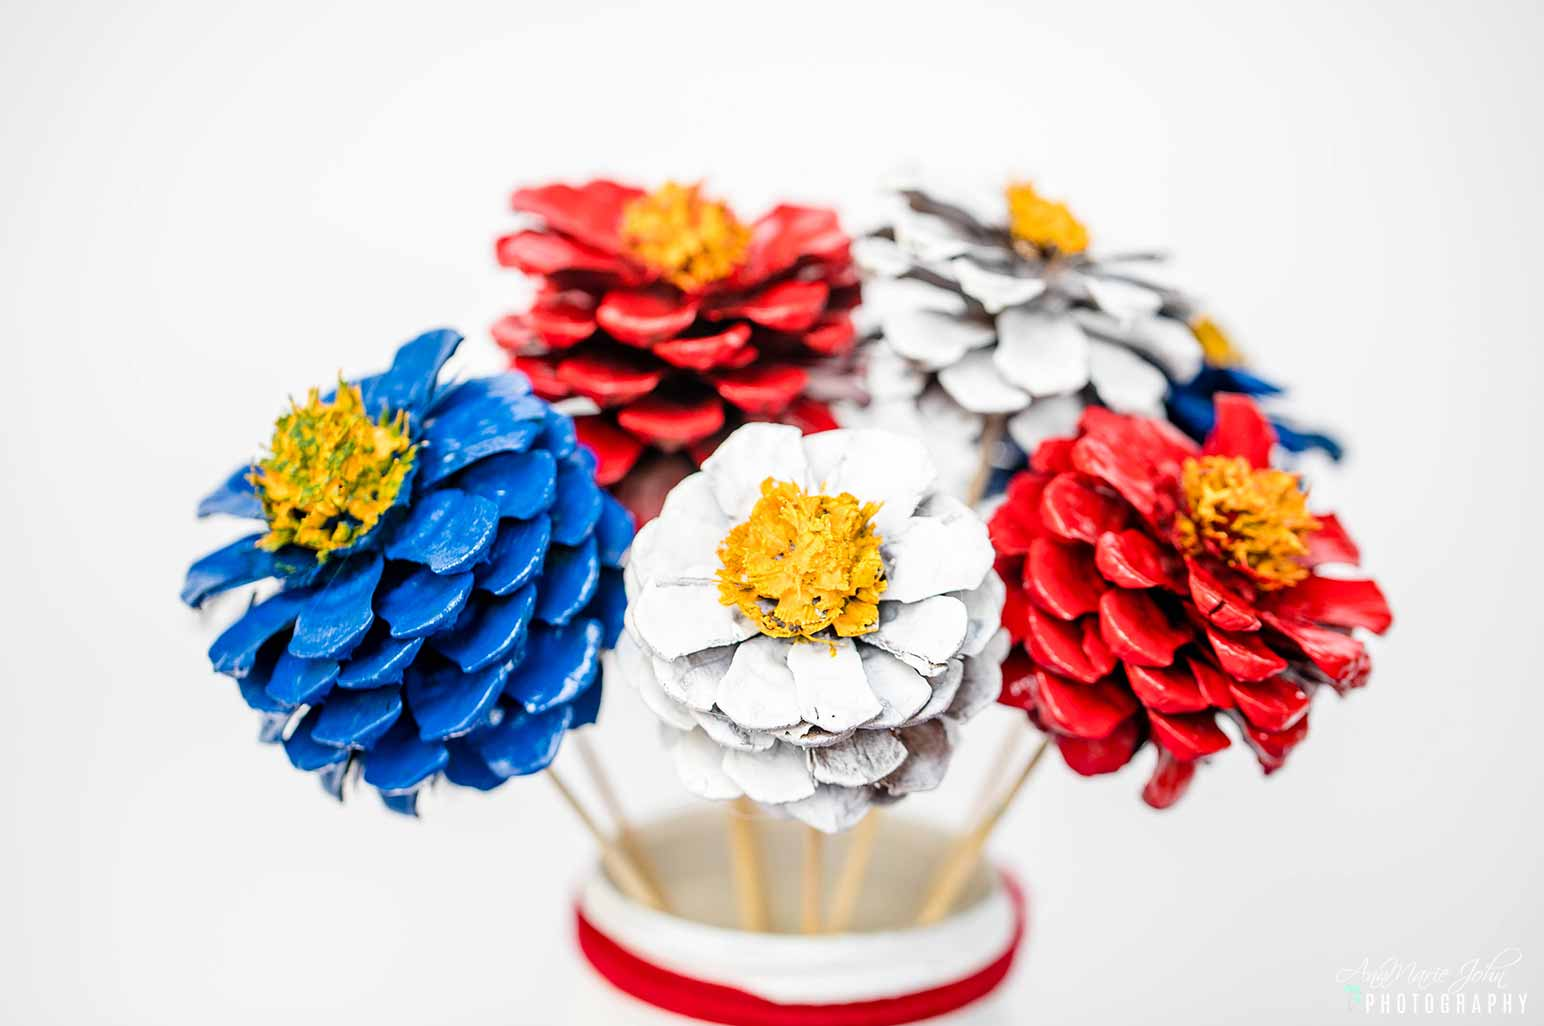 Patriotic Pinecone Flowers Floral Arrangement